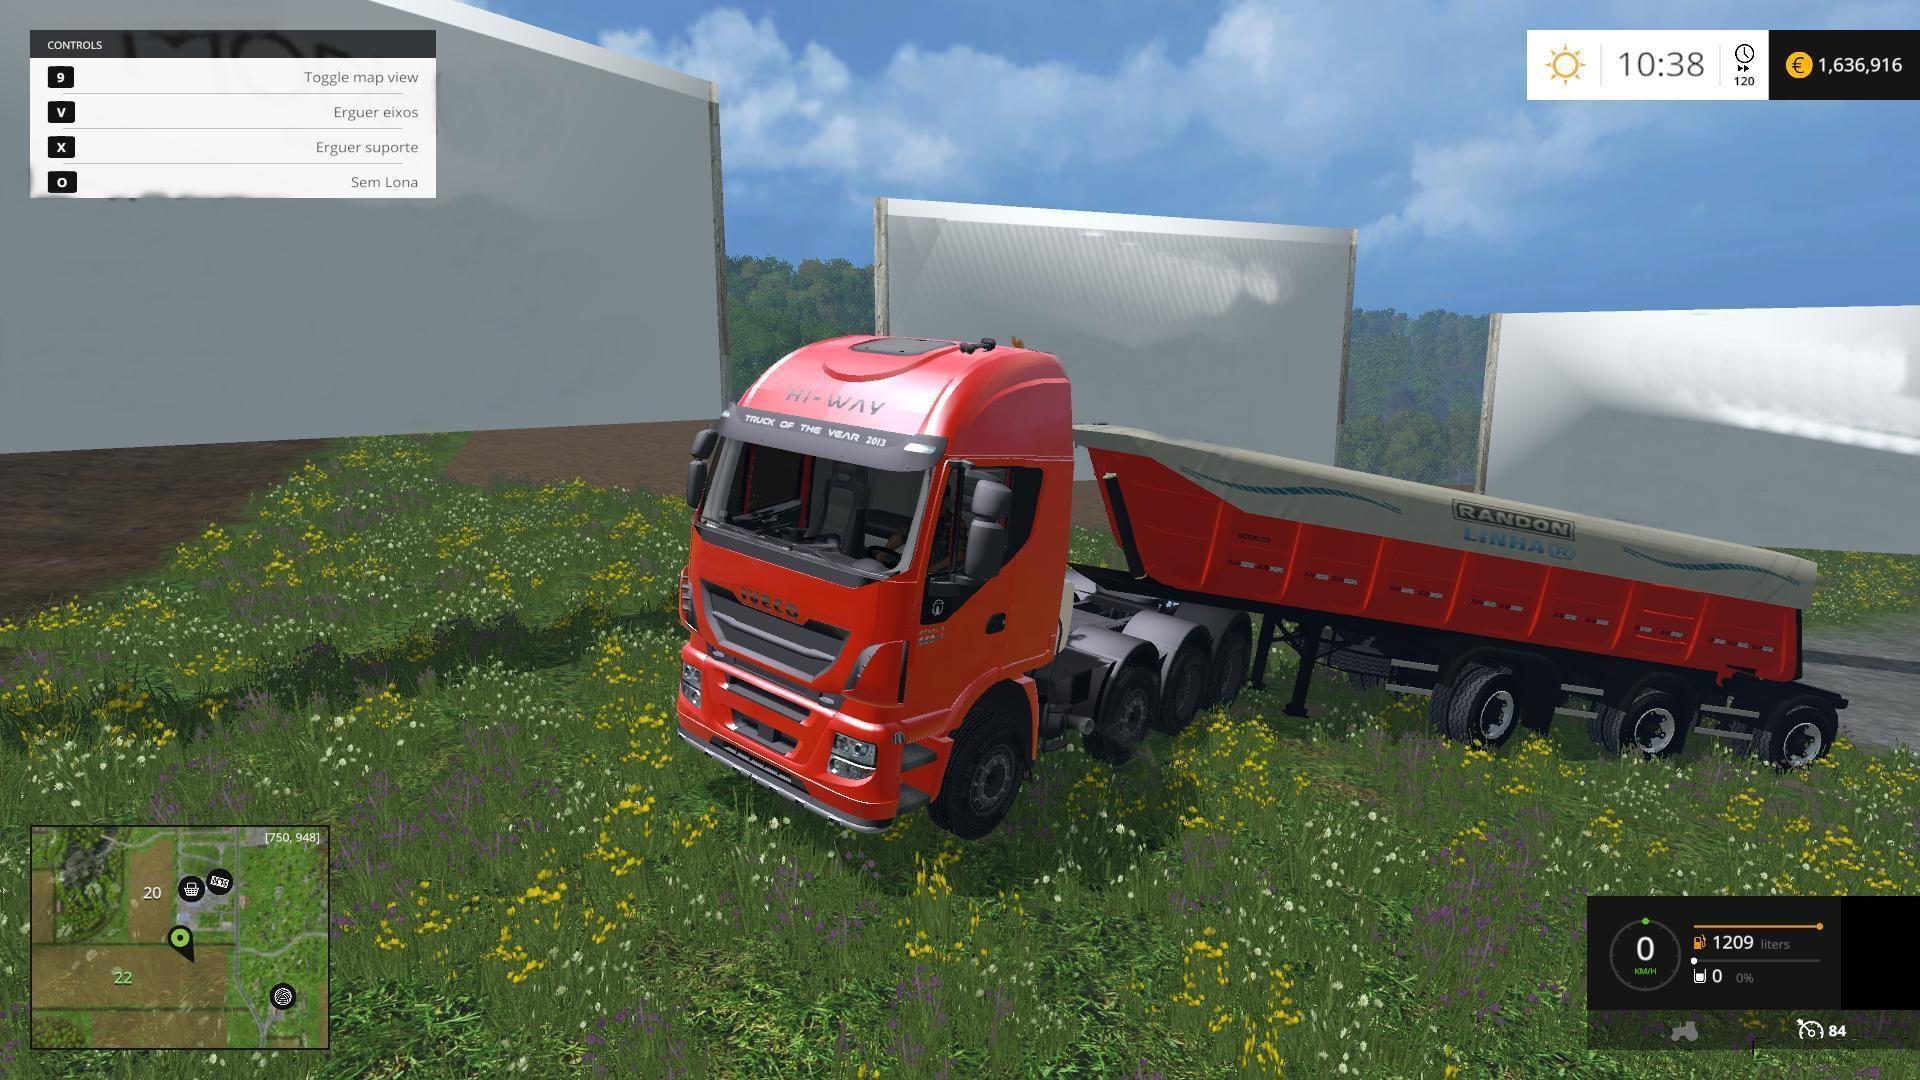 1424170565_iveco-stralis-560-8x4-trailer-v1_1-116